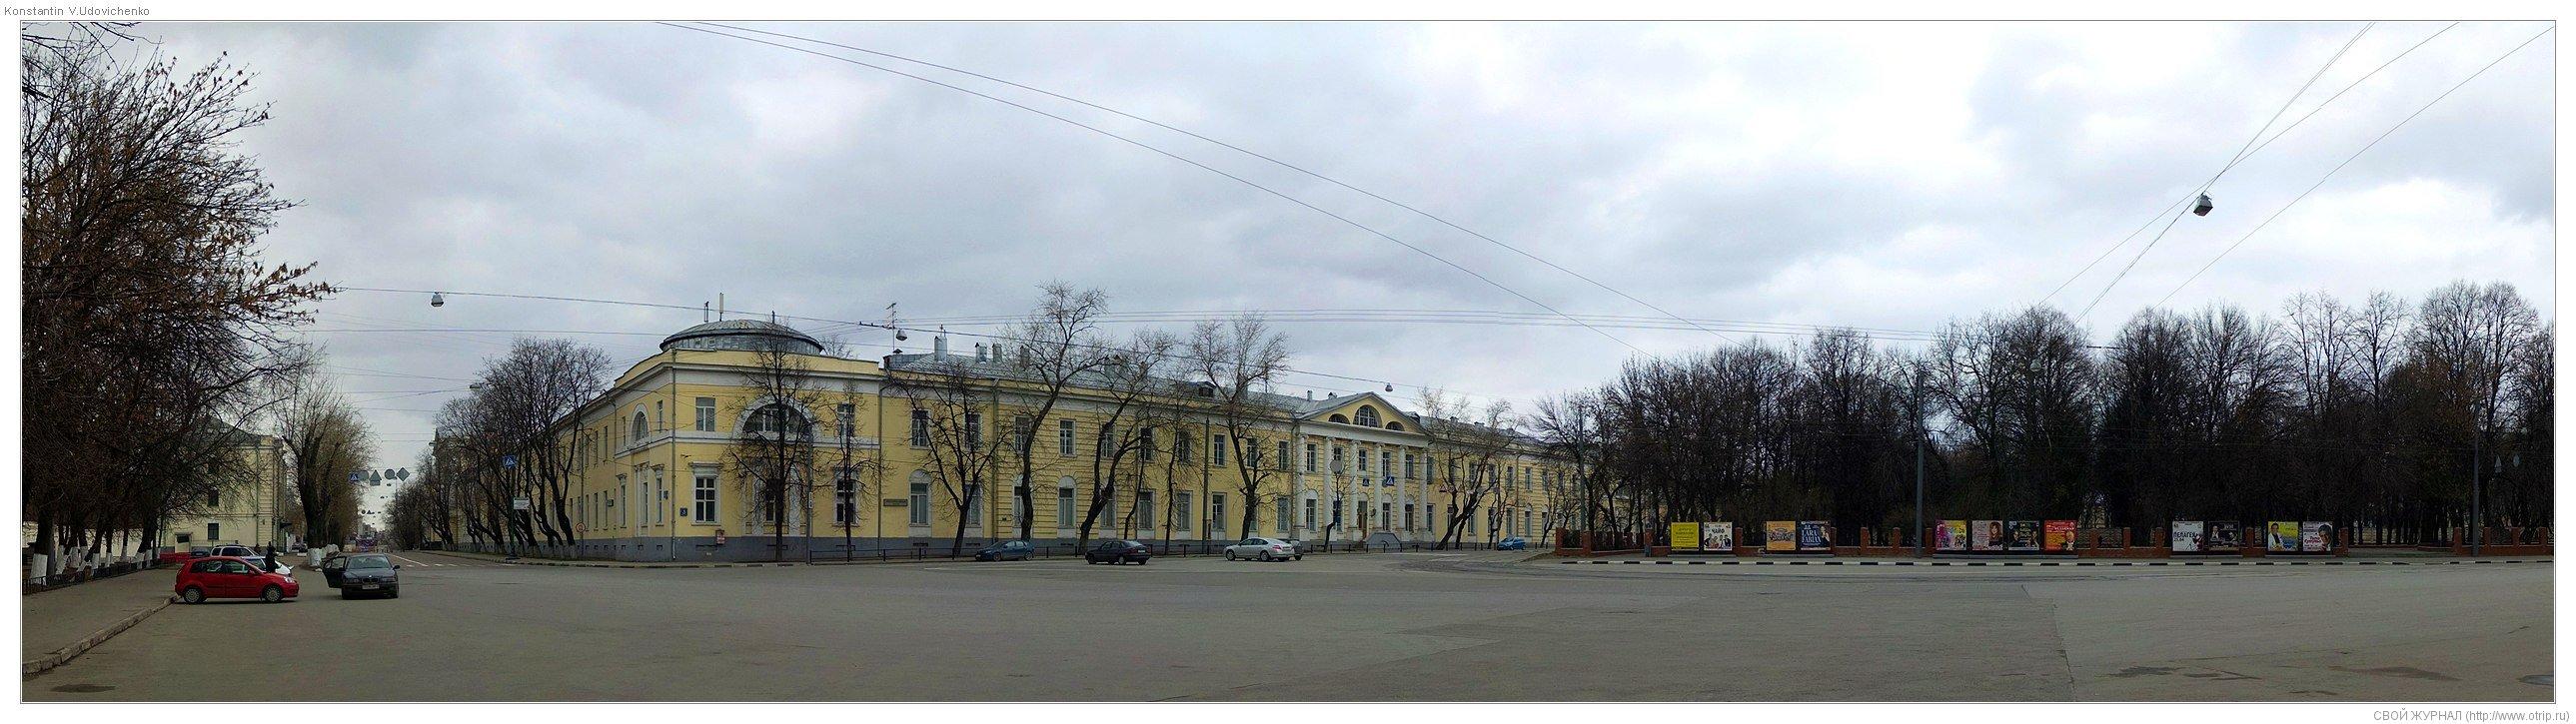 8069-8082s_2.jpg - Москва, ч.1 Бауманская-Авиамоторная (19.04.2009)